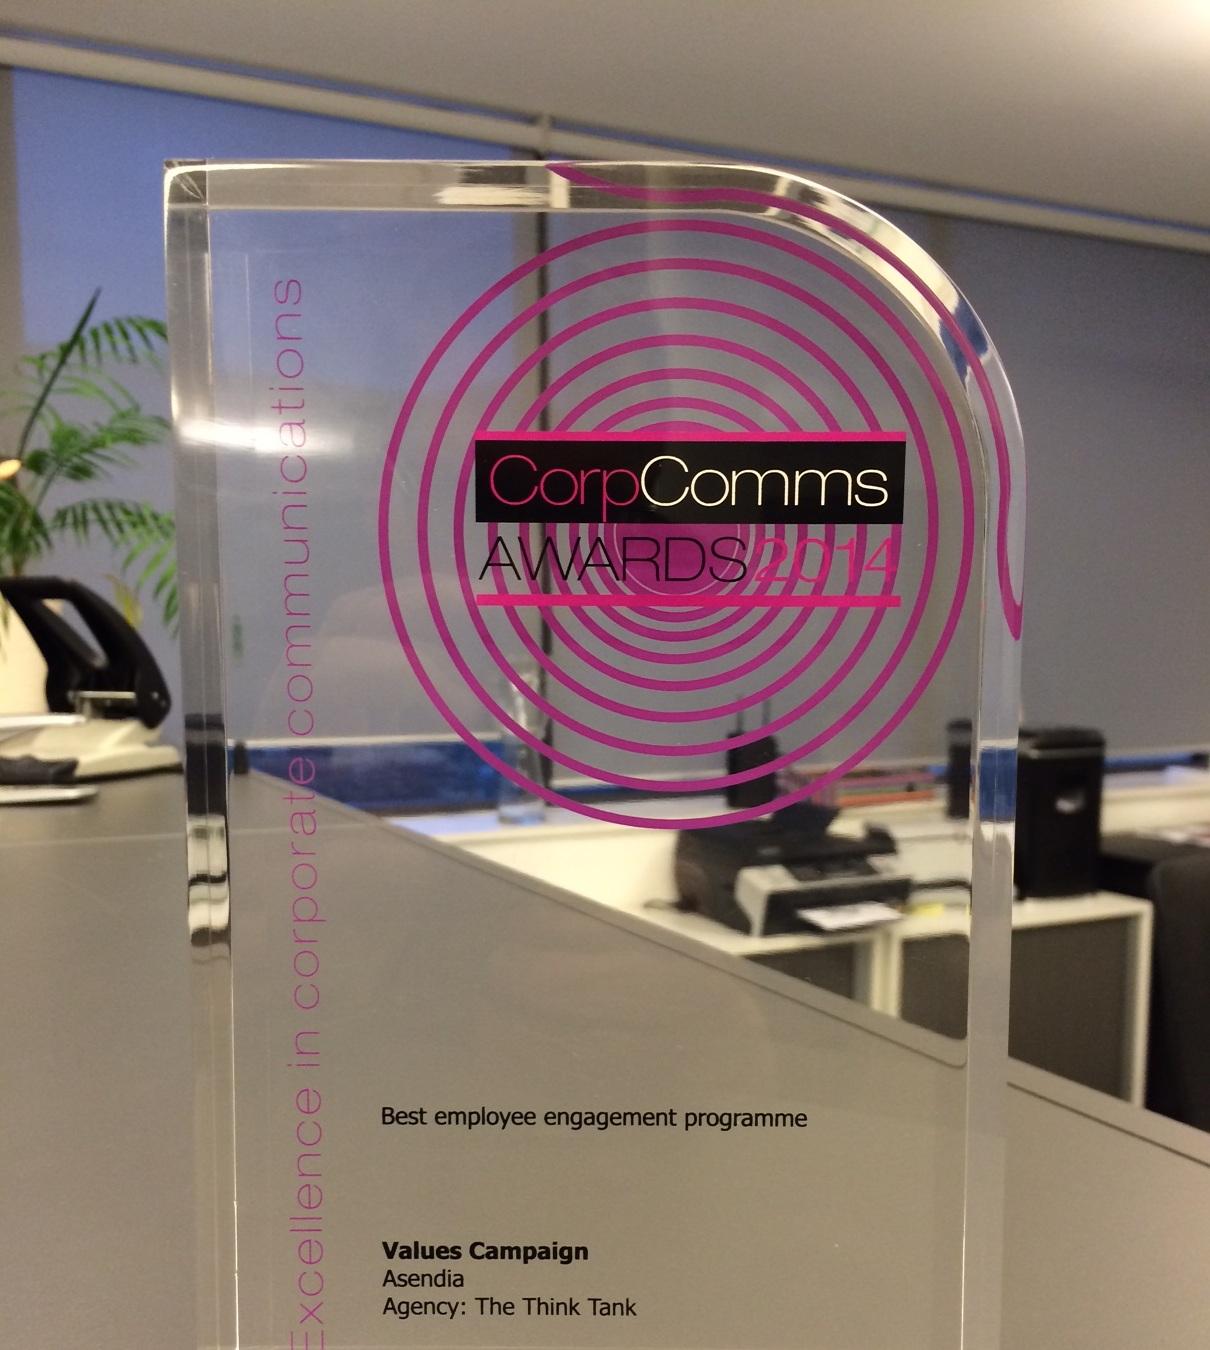 CorpComms Awards